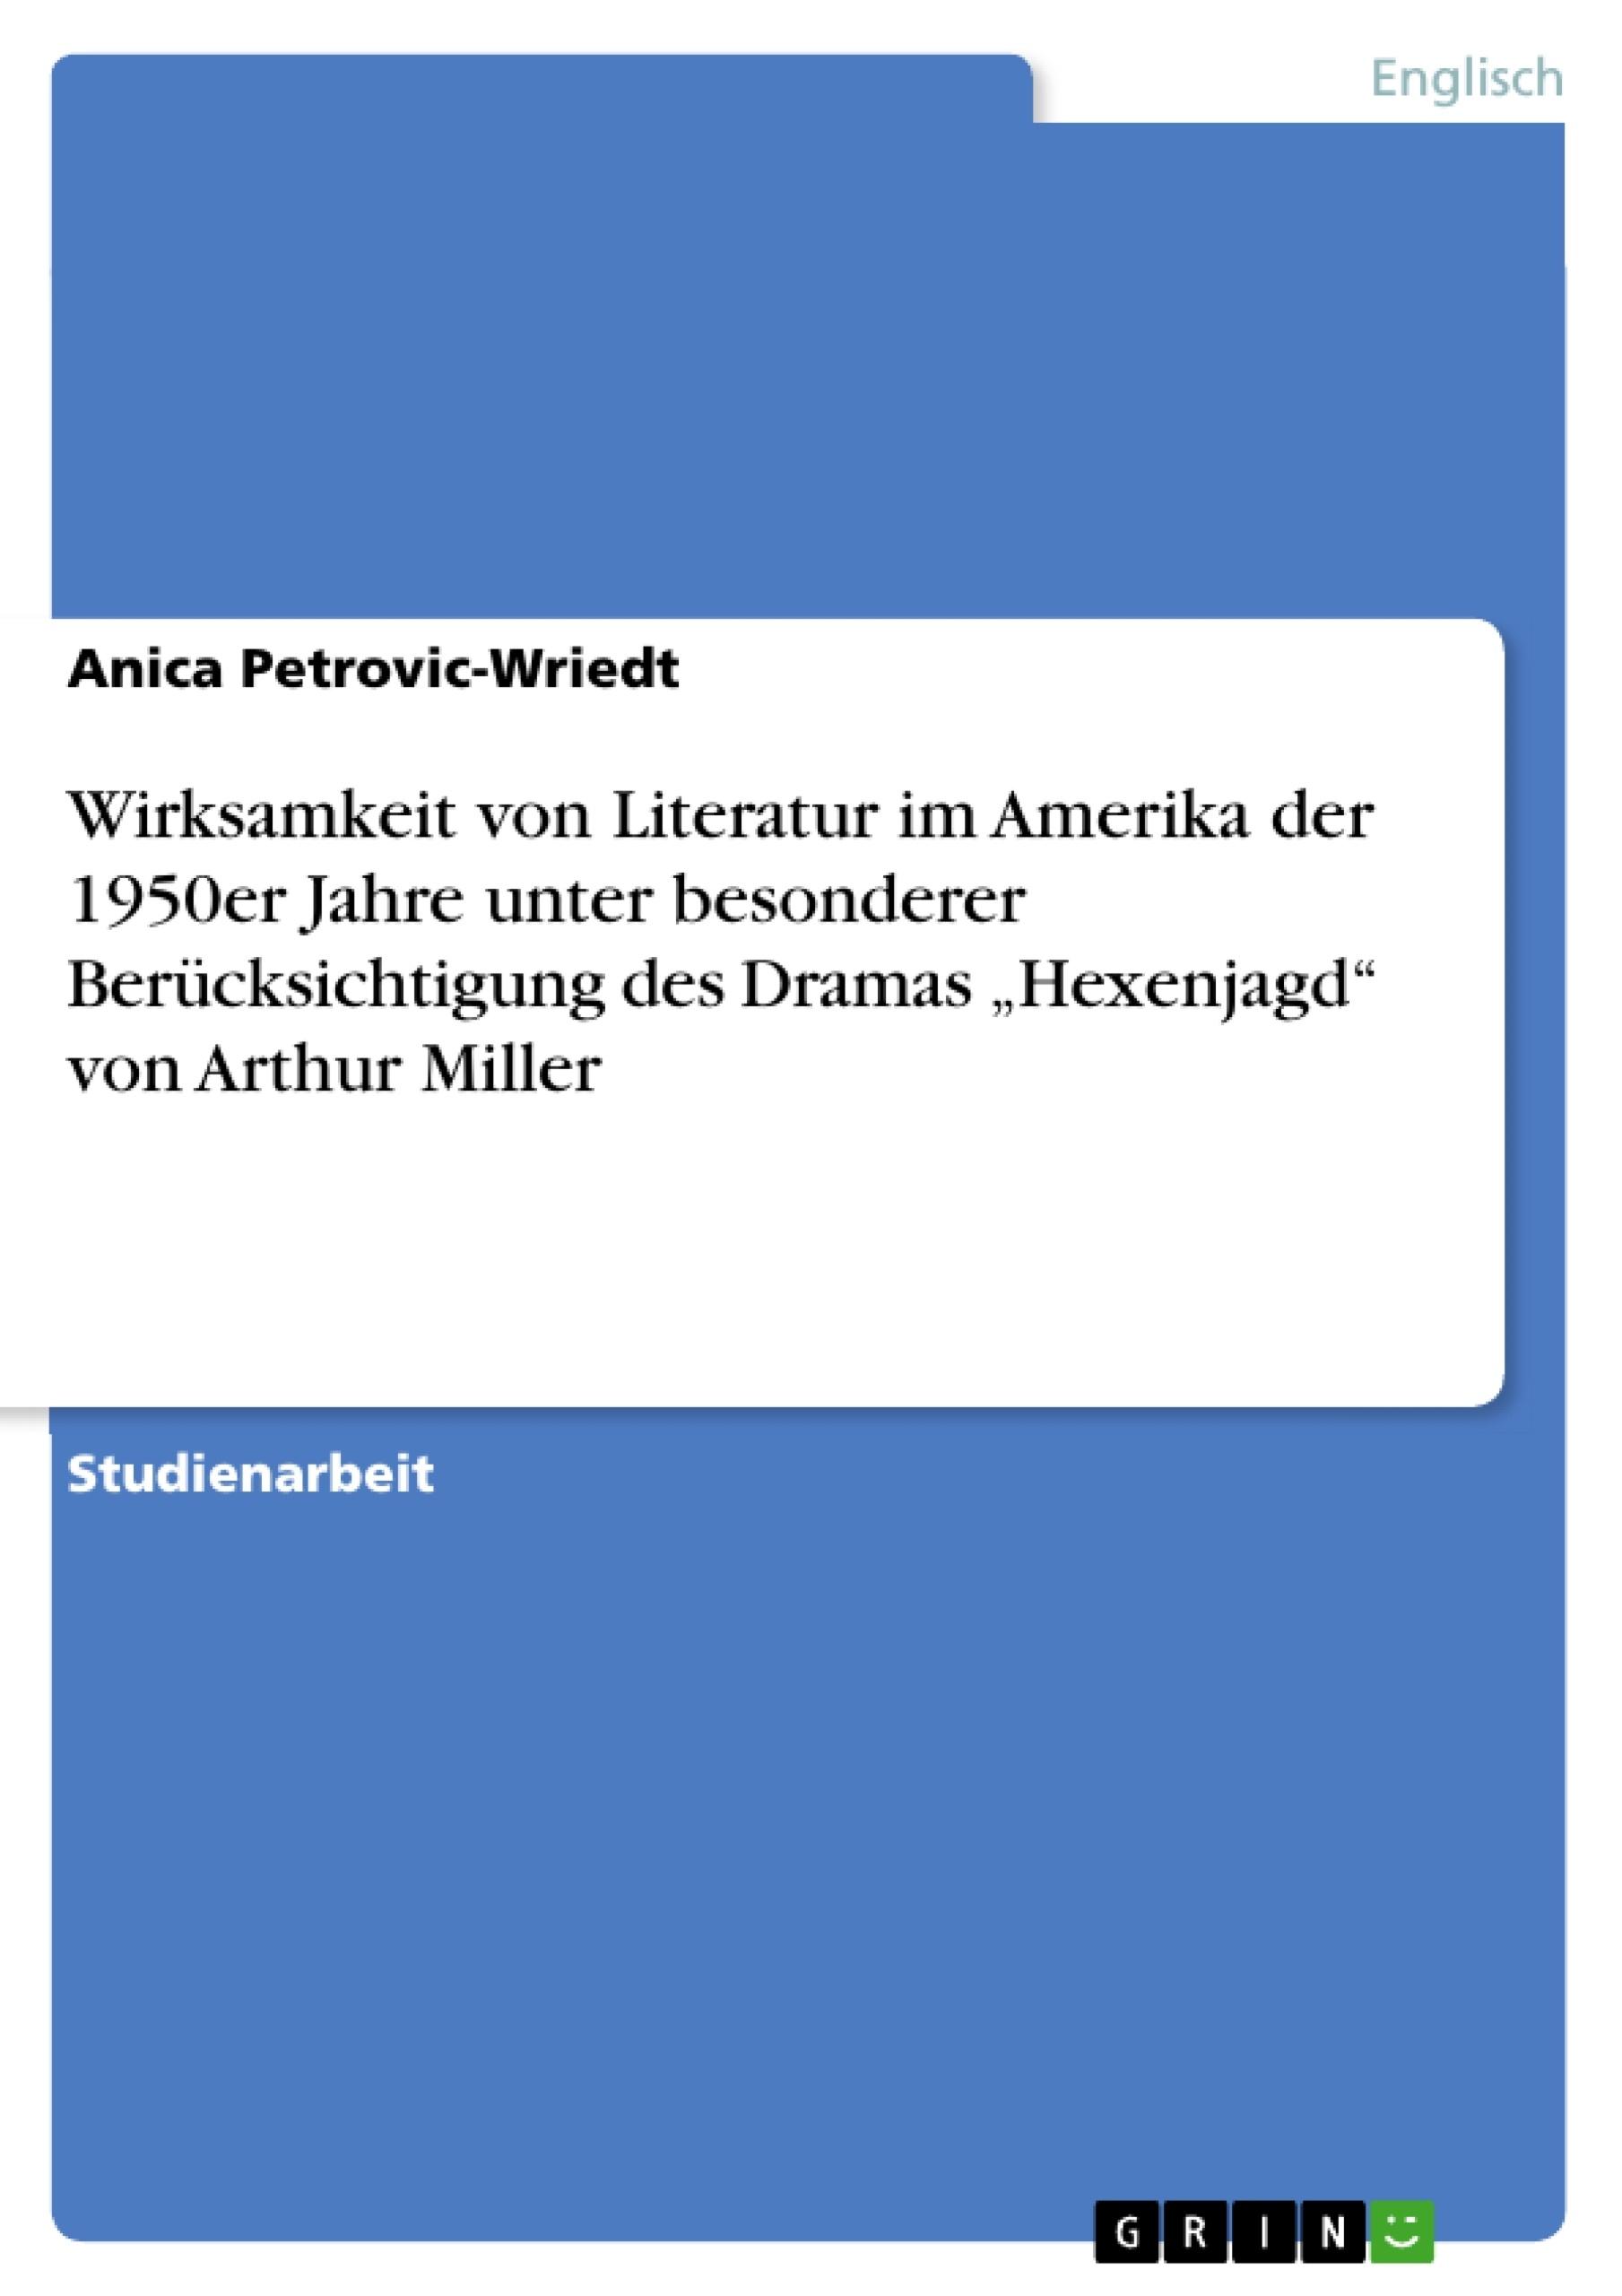 """Titel: Wirksamkeit von Literatur im Amerika der 1950er Jahre unter besonderer  Berücksichtigung des Dramas """"Hexenjagd"""" von Arthur Miller"""